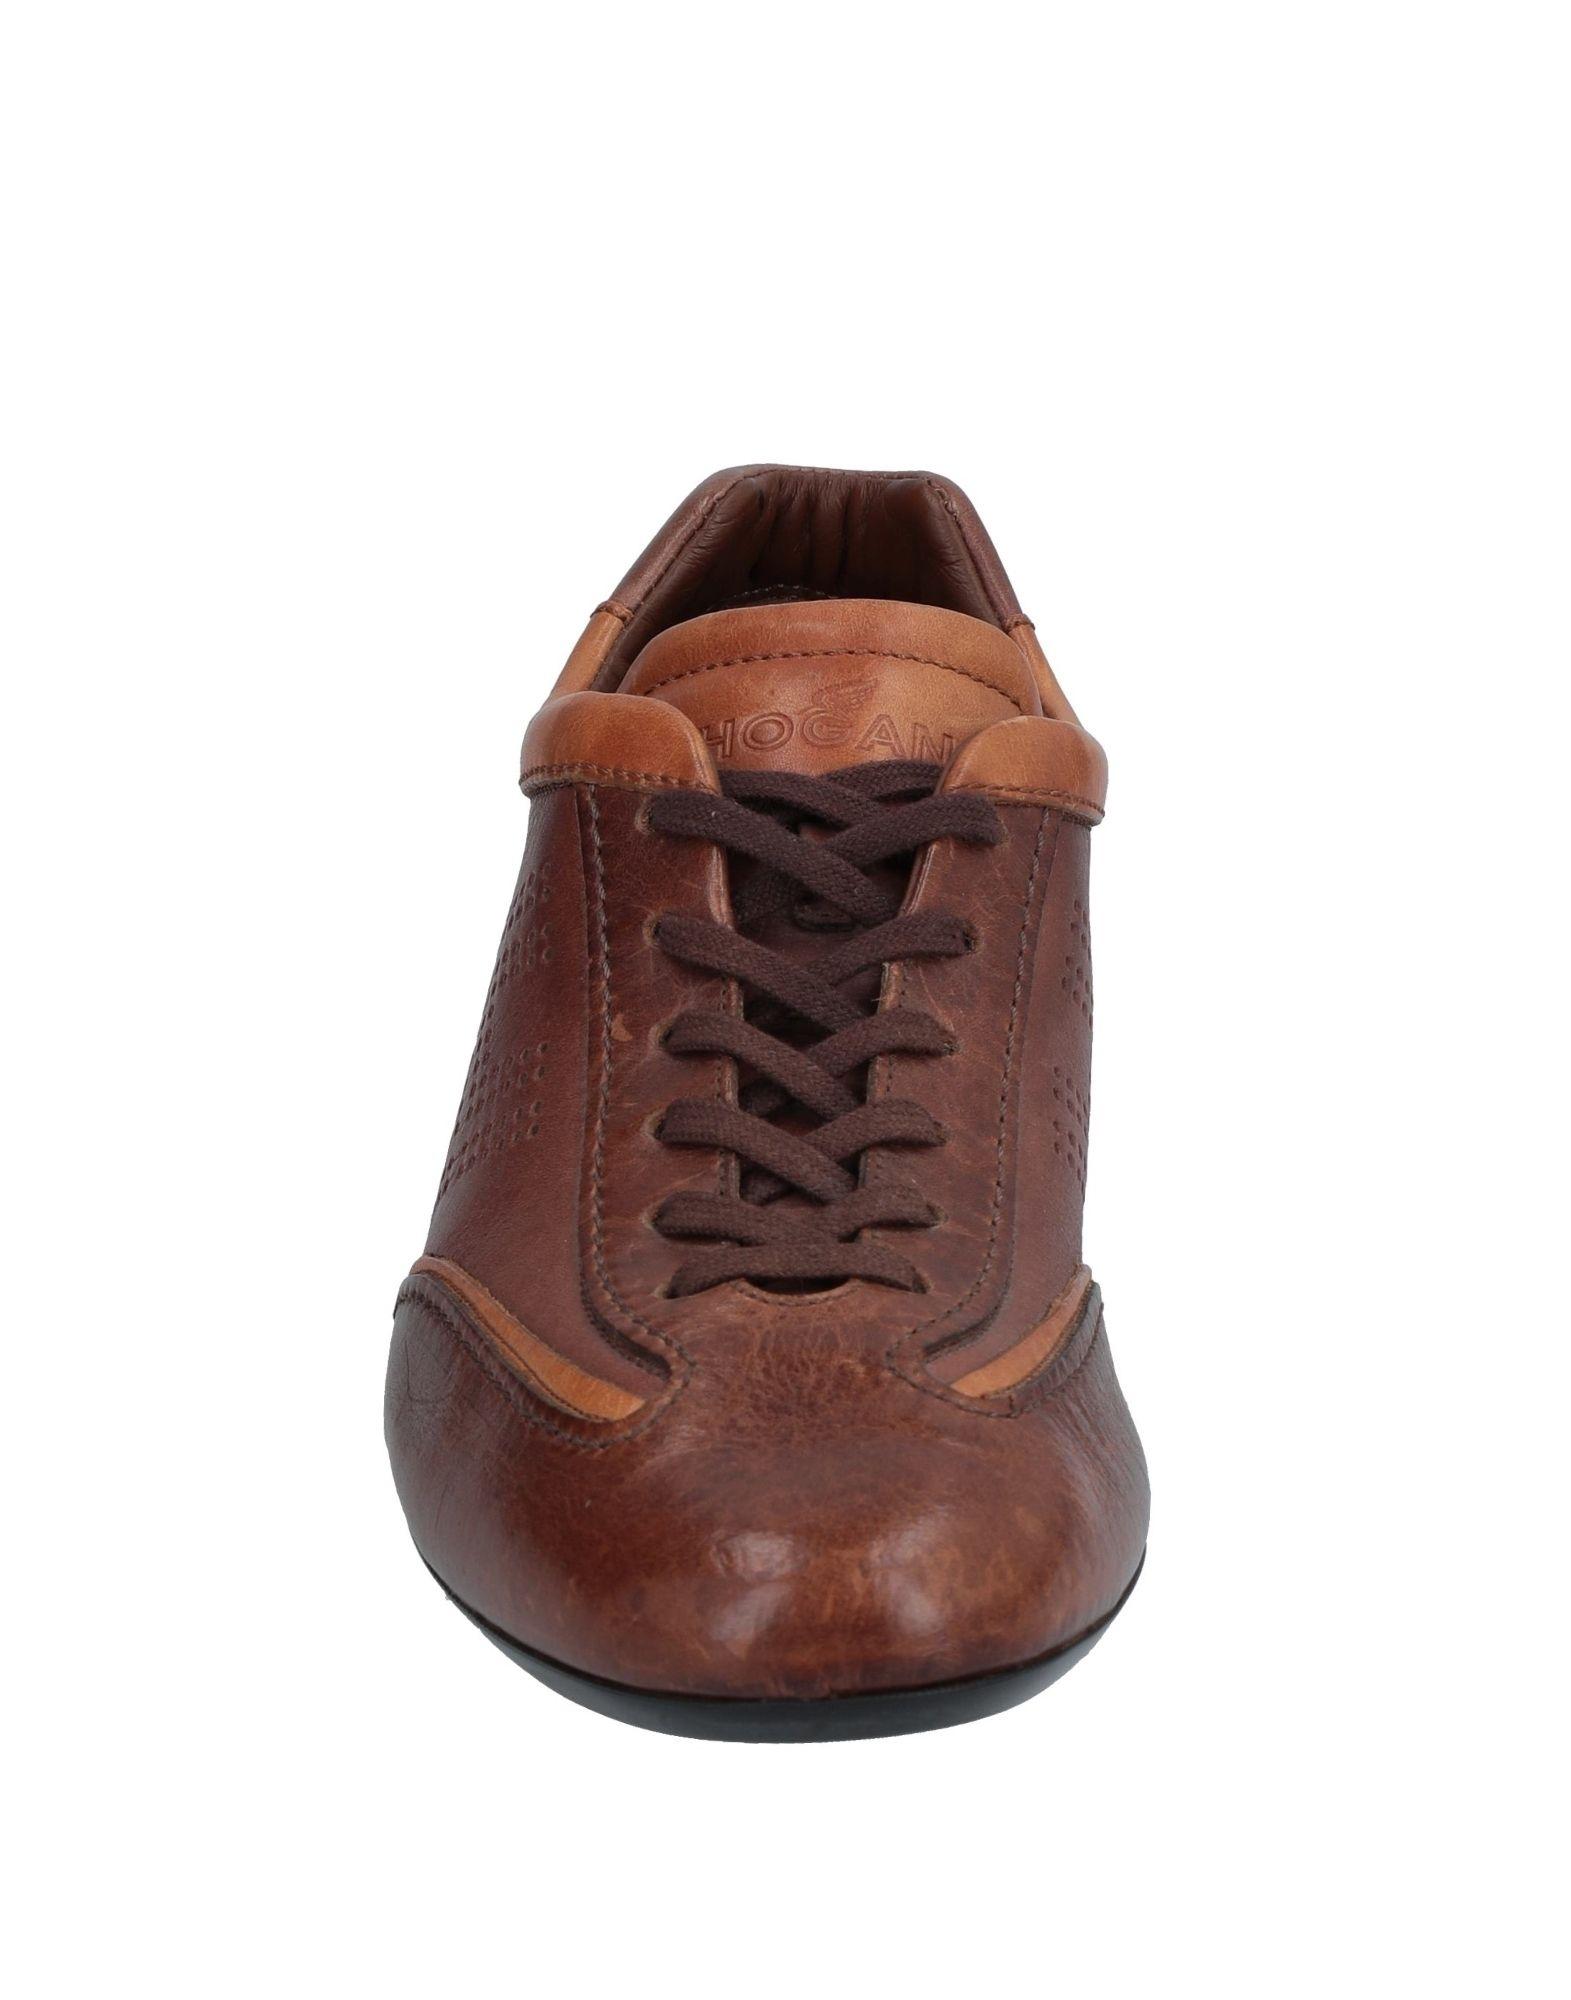 Hogan Gute Sneakers Herren  11528503BW Gute Hogan Qualität beliebte Schuhe d3338d